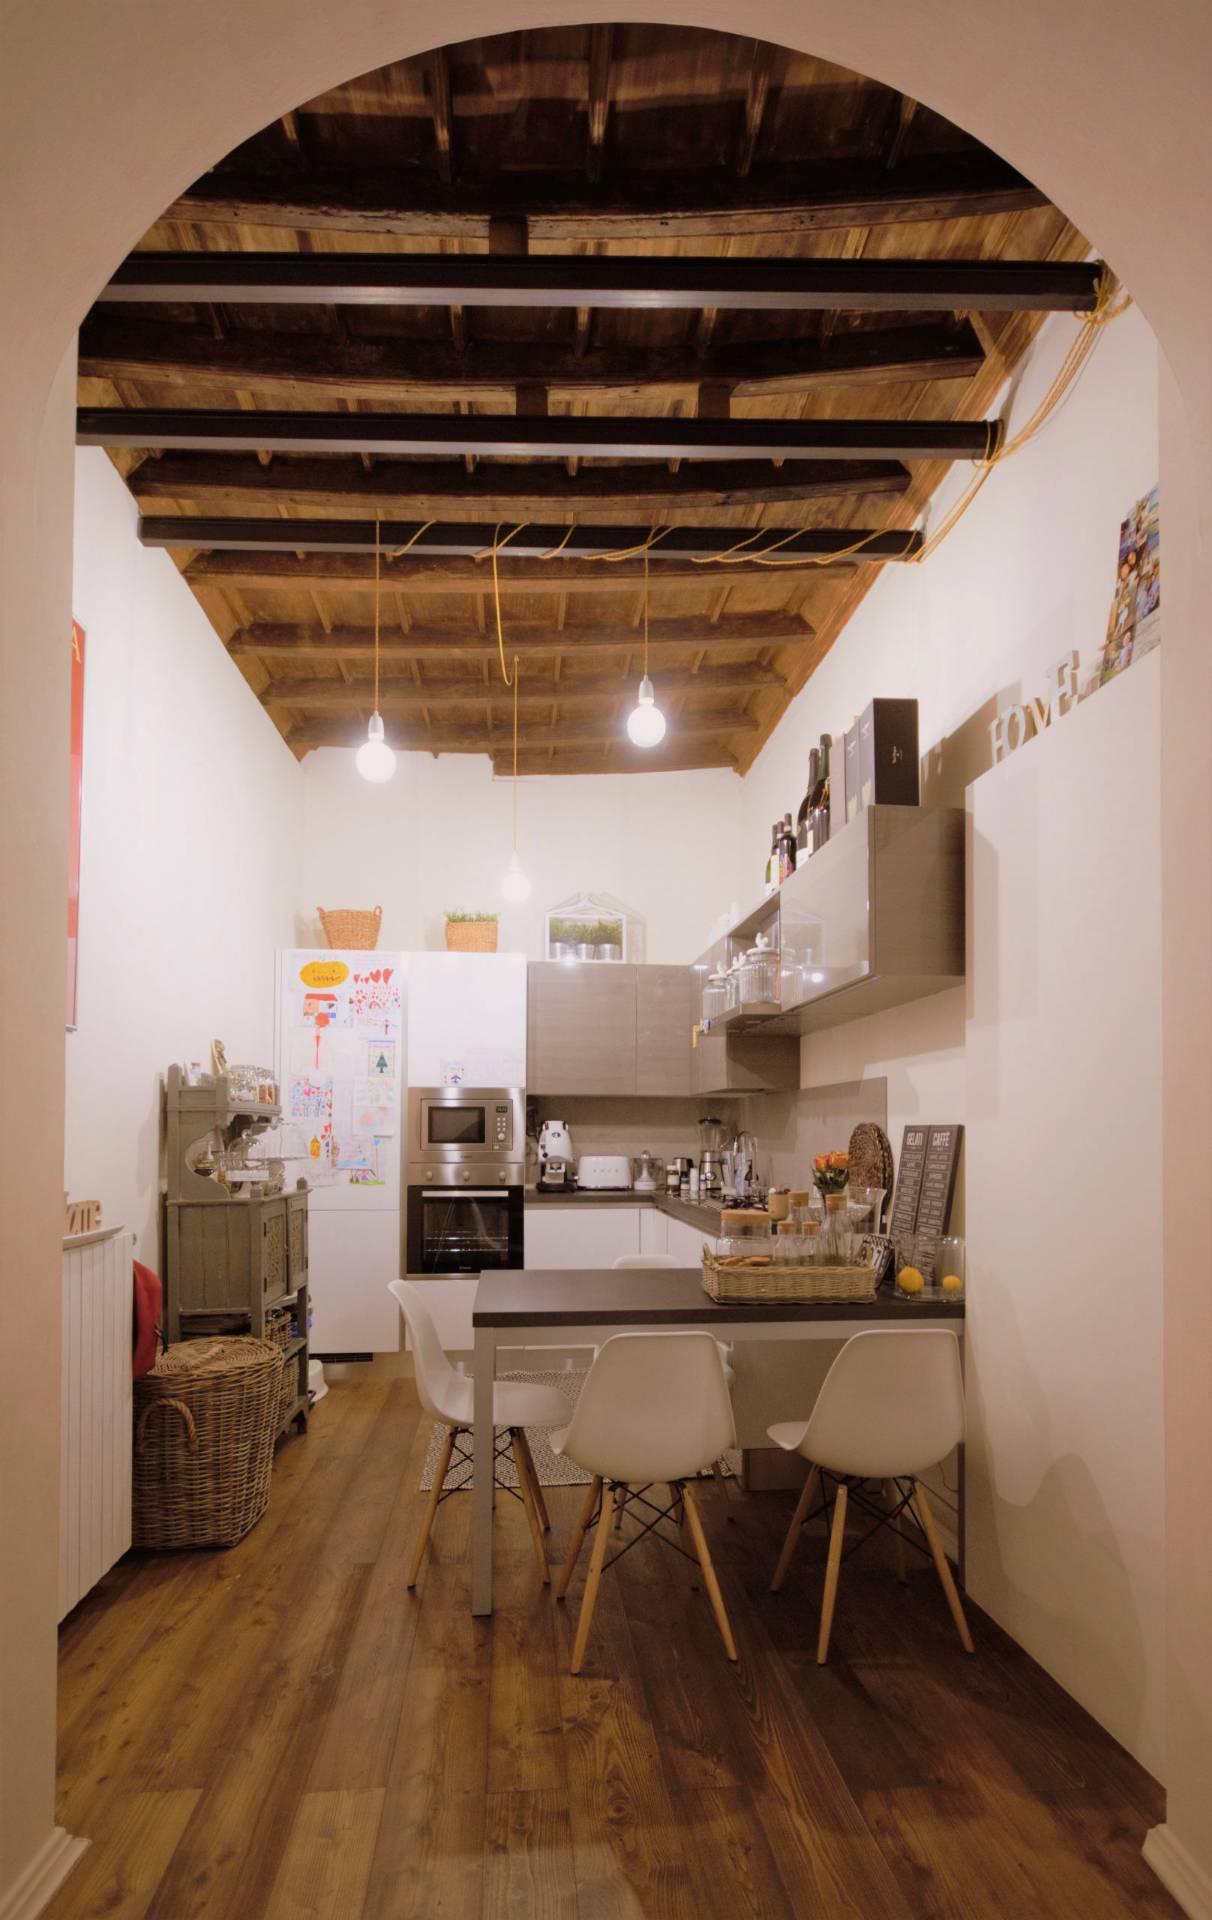 Appartamento in affitto a moncalieri pernigotti immobili for Affitto moncalieri privato arredato